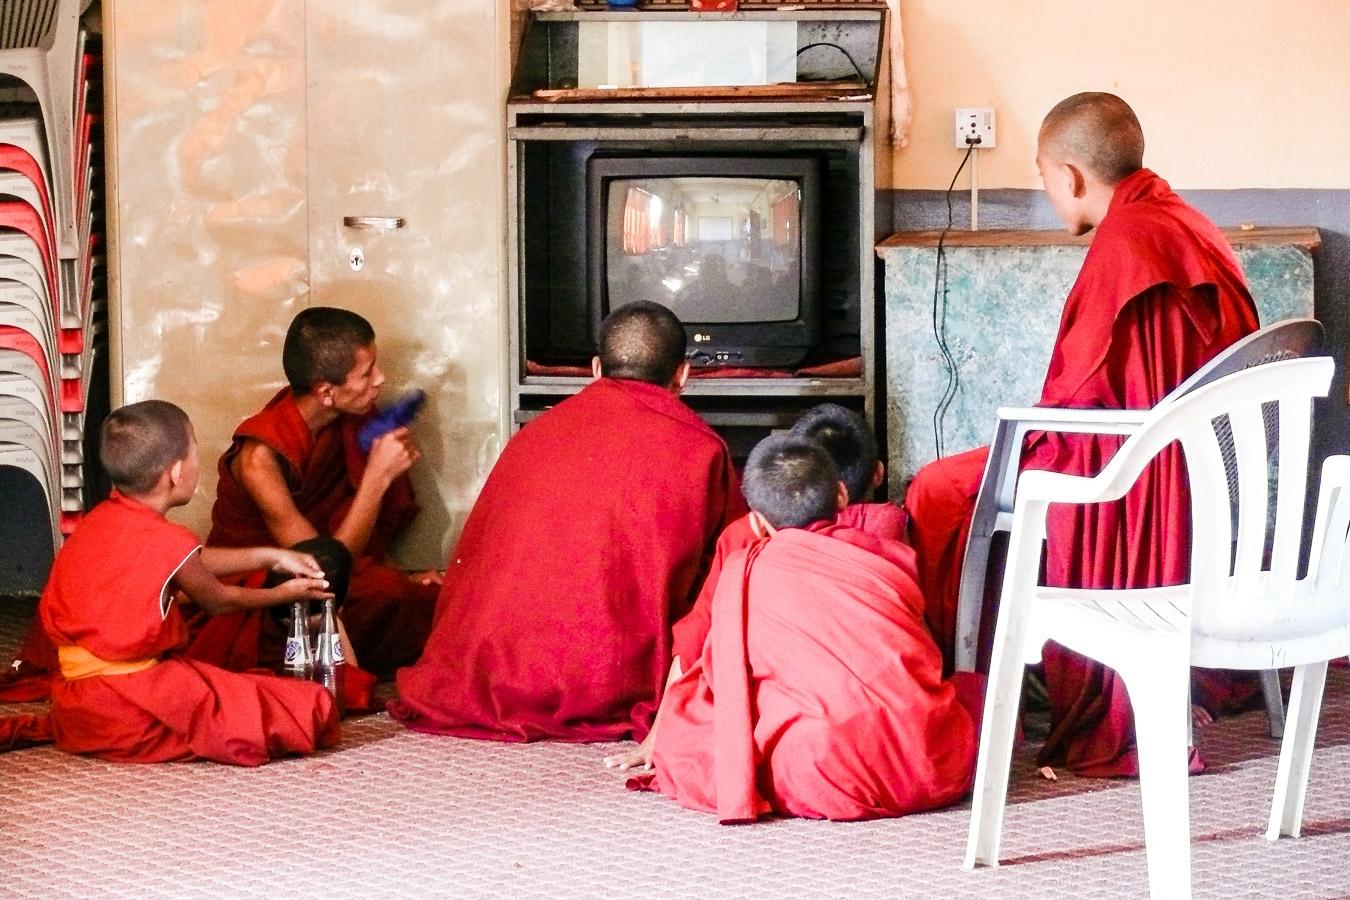 Photographie de voyage - jeunes moines regardant la télé, Népal